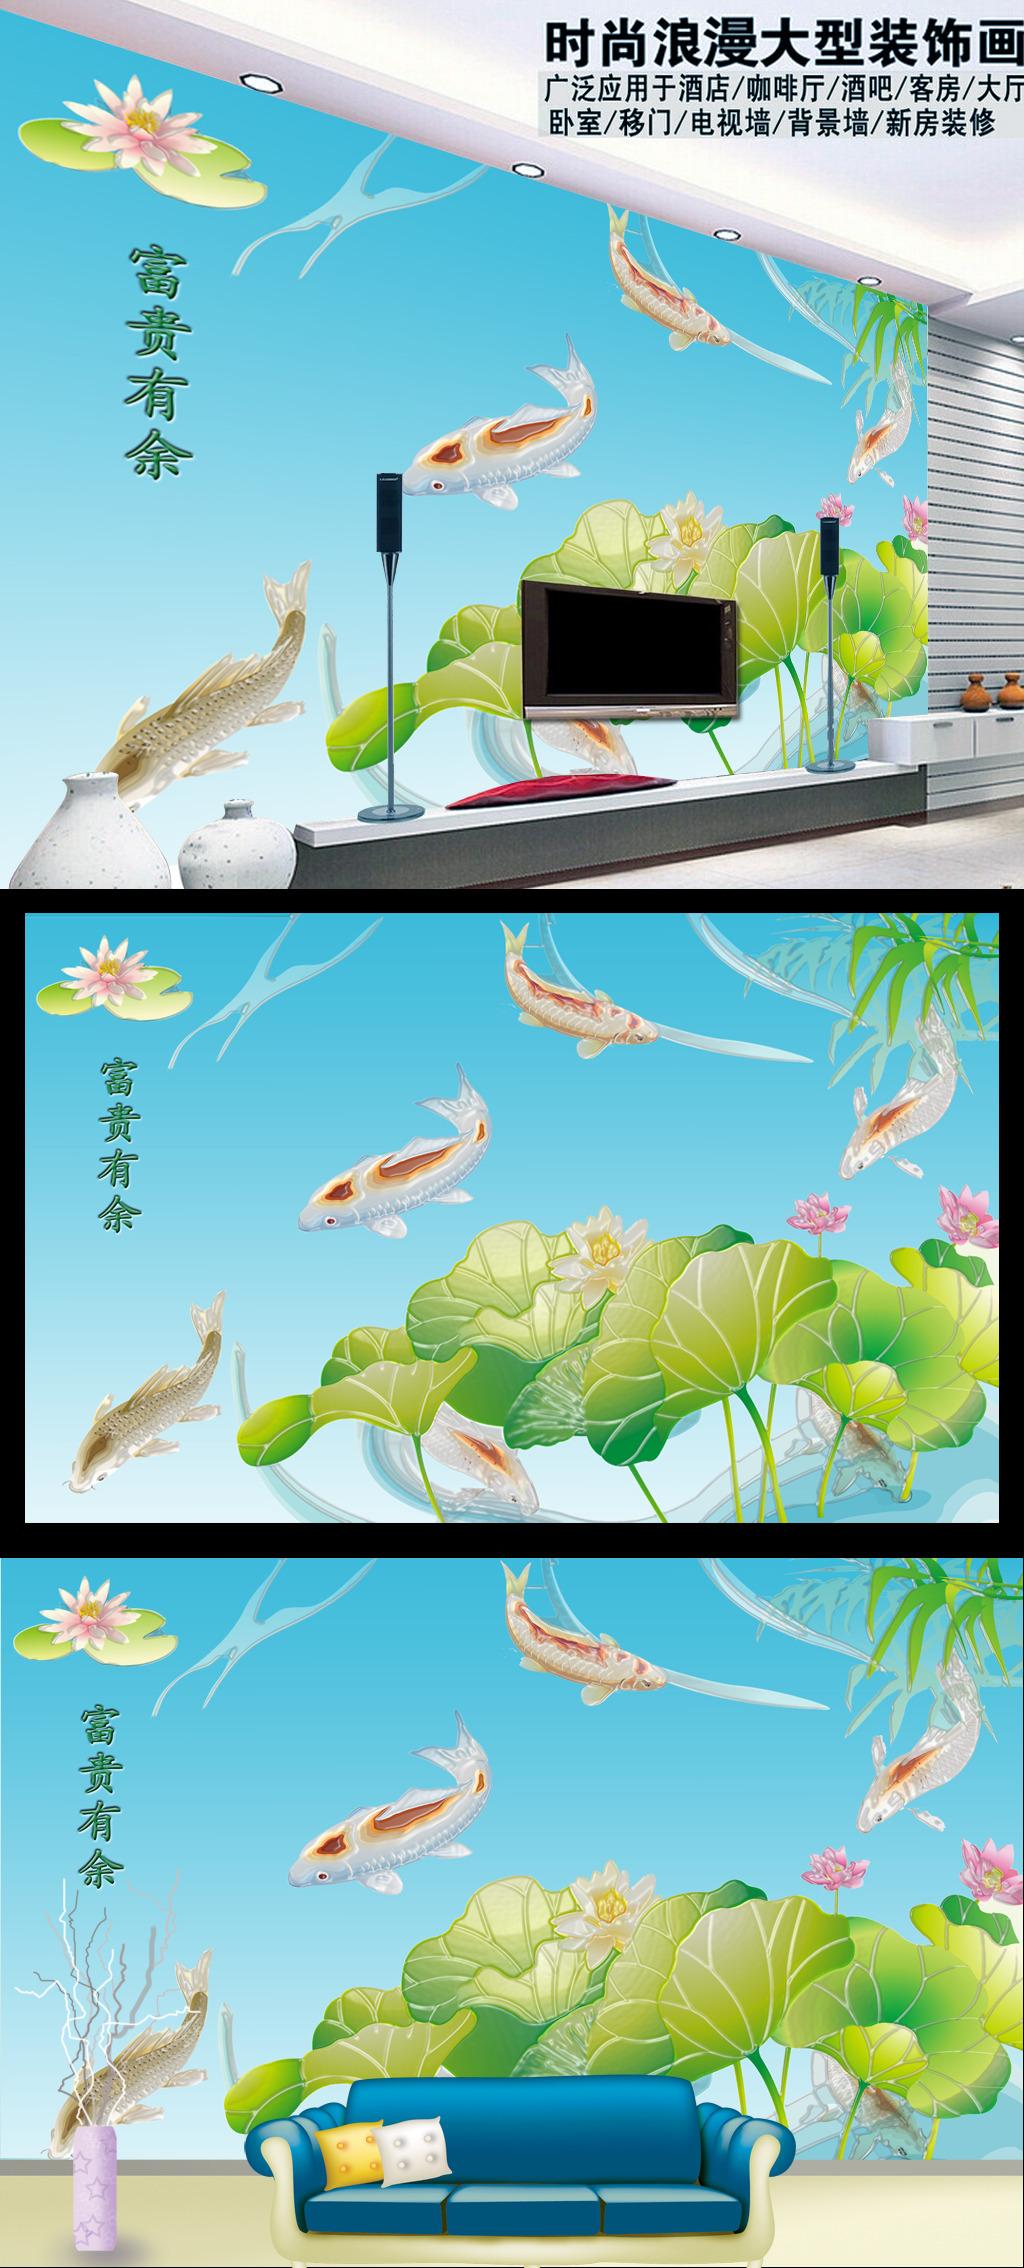 背景墙|装饰画 电视背景墙 彩雕电视背景墙 > 彩雕荷花鱼富贵有余背景